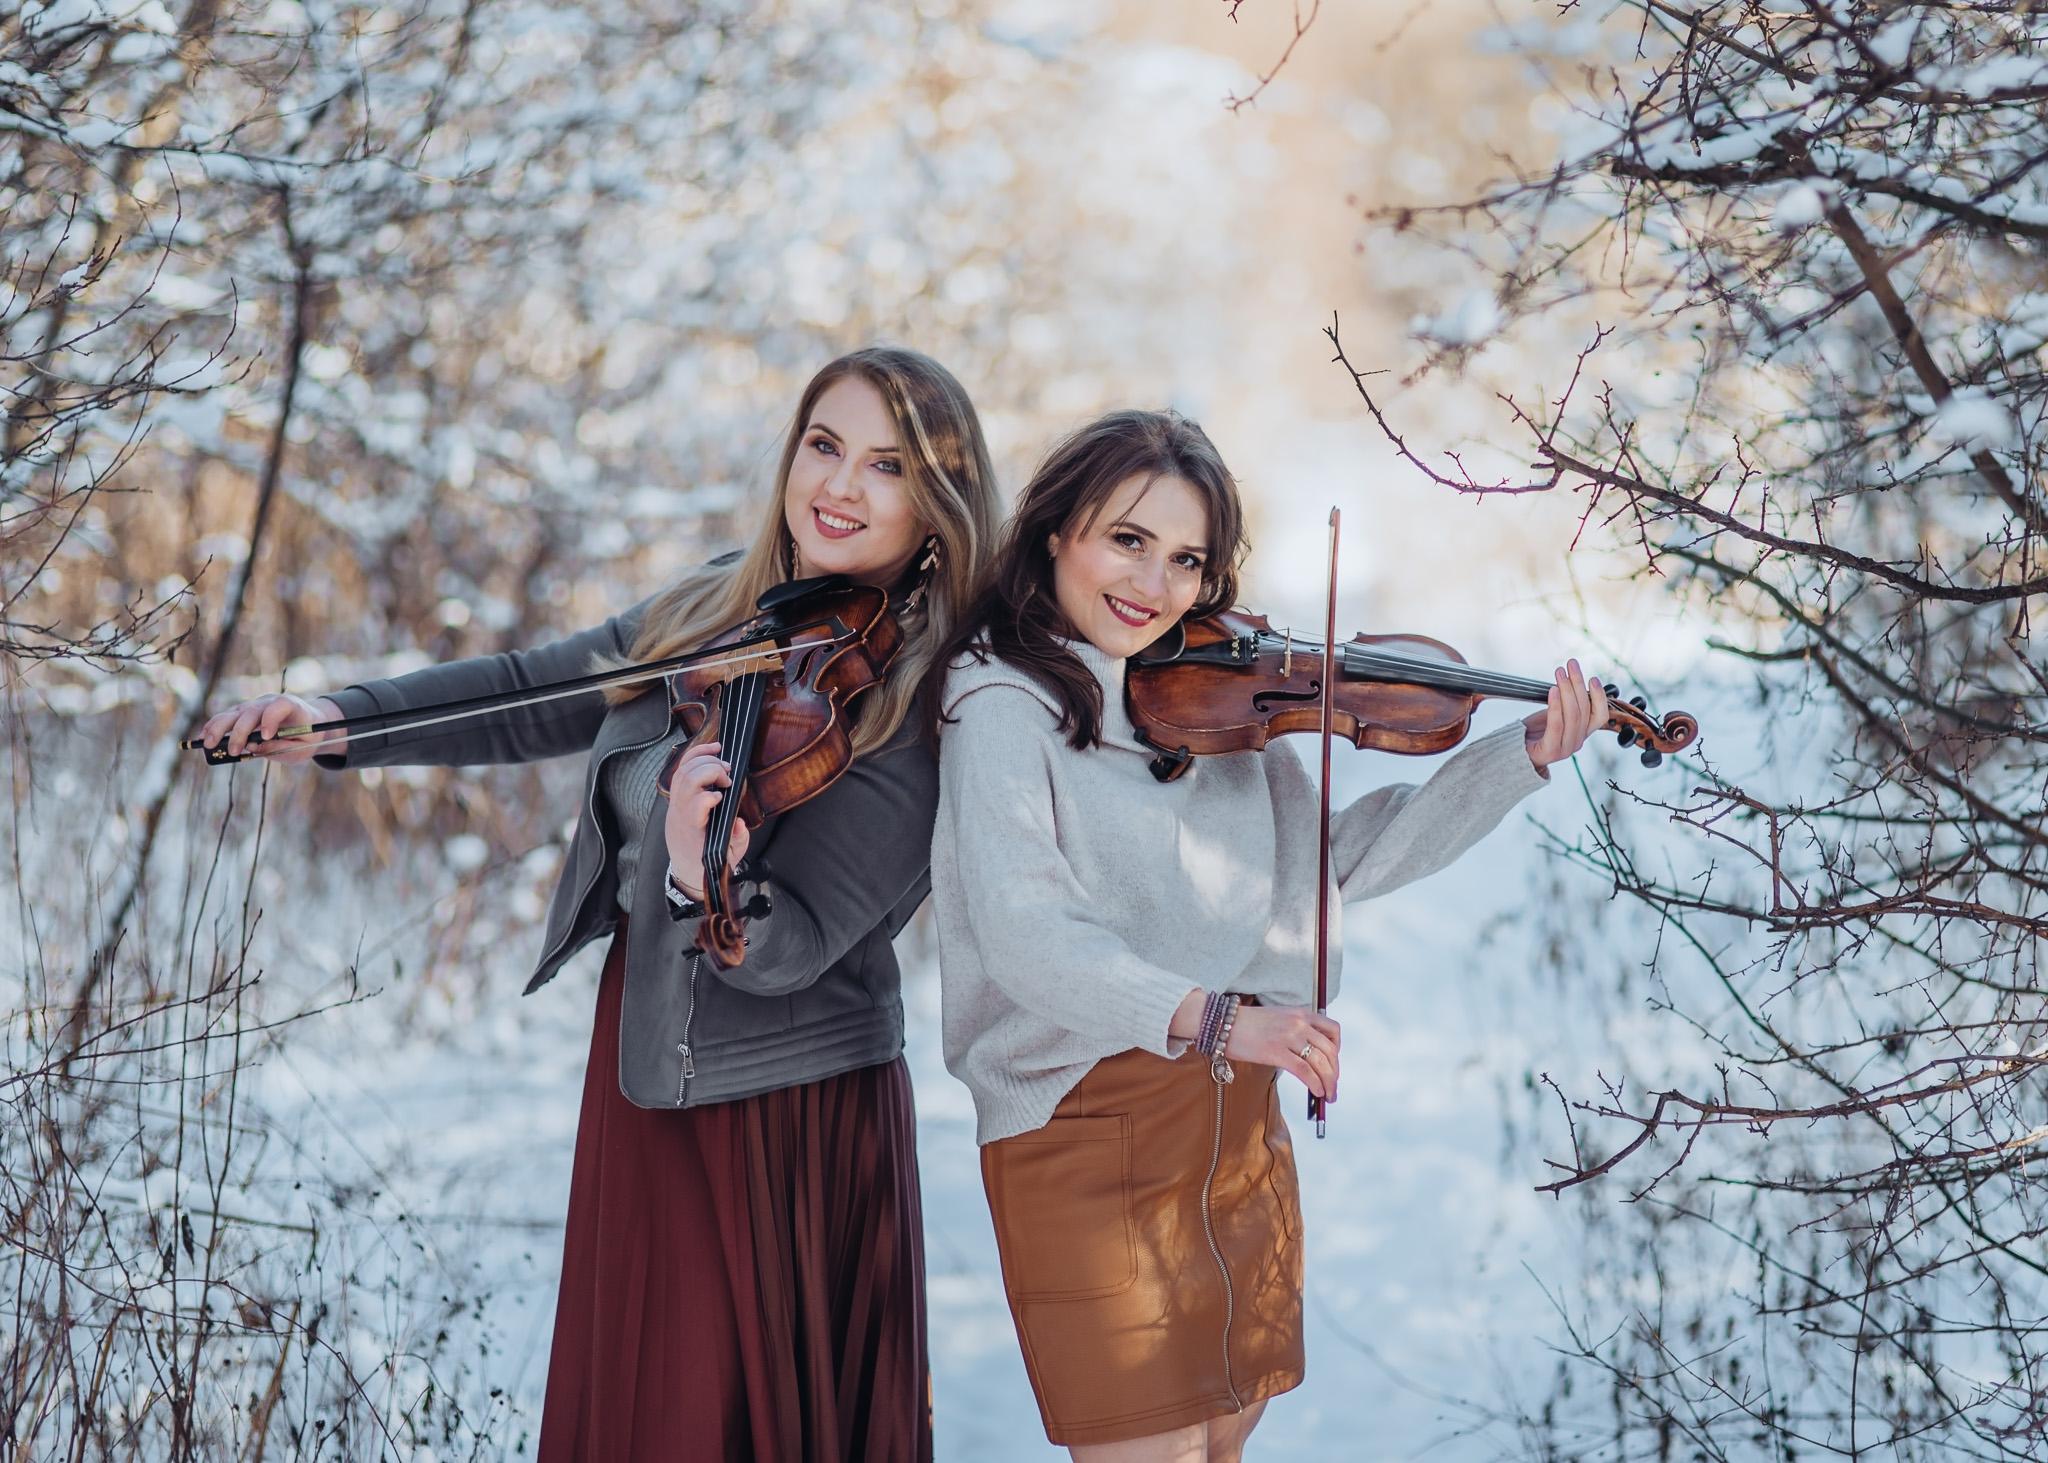 zimowa sesja portretowa ze skrzypcami warszawa wilanow